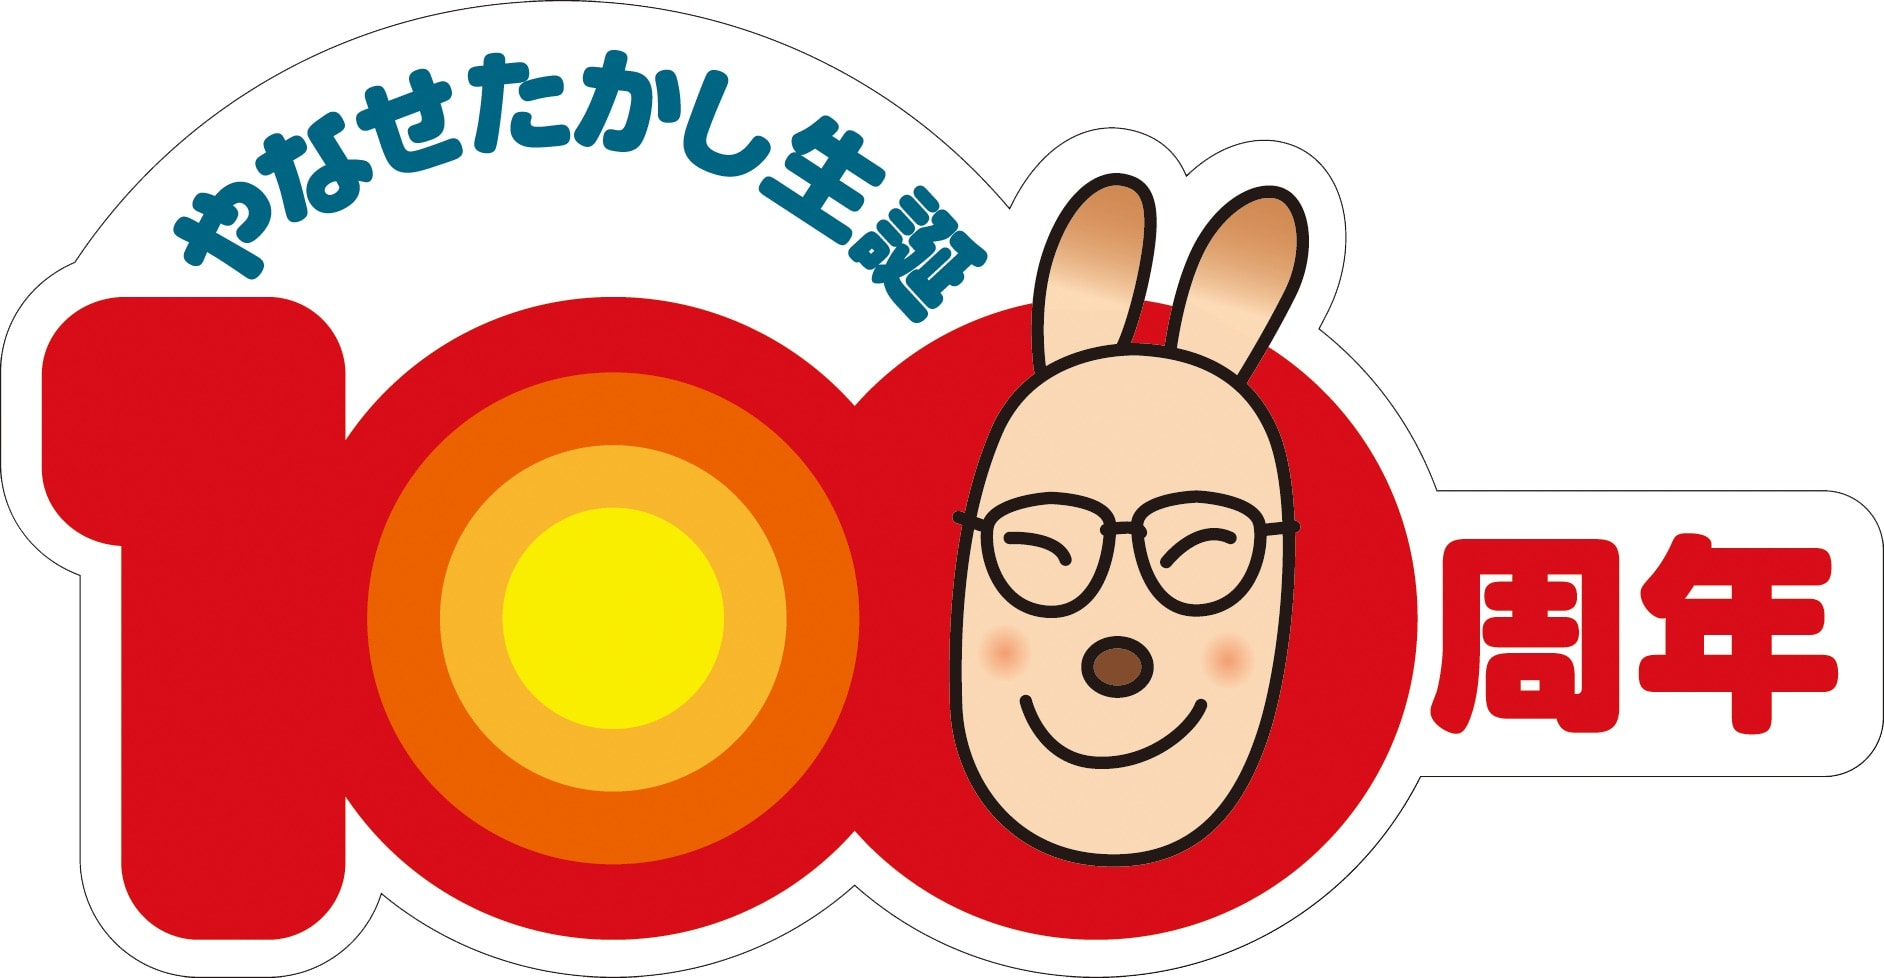 やなせたかし生誕100周年! 2月10日にはやなせさんの人生を描いたアニメも放送